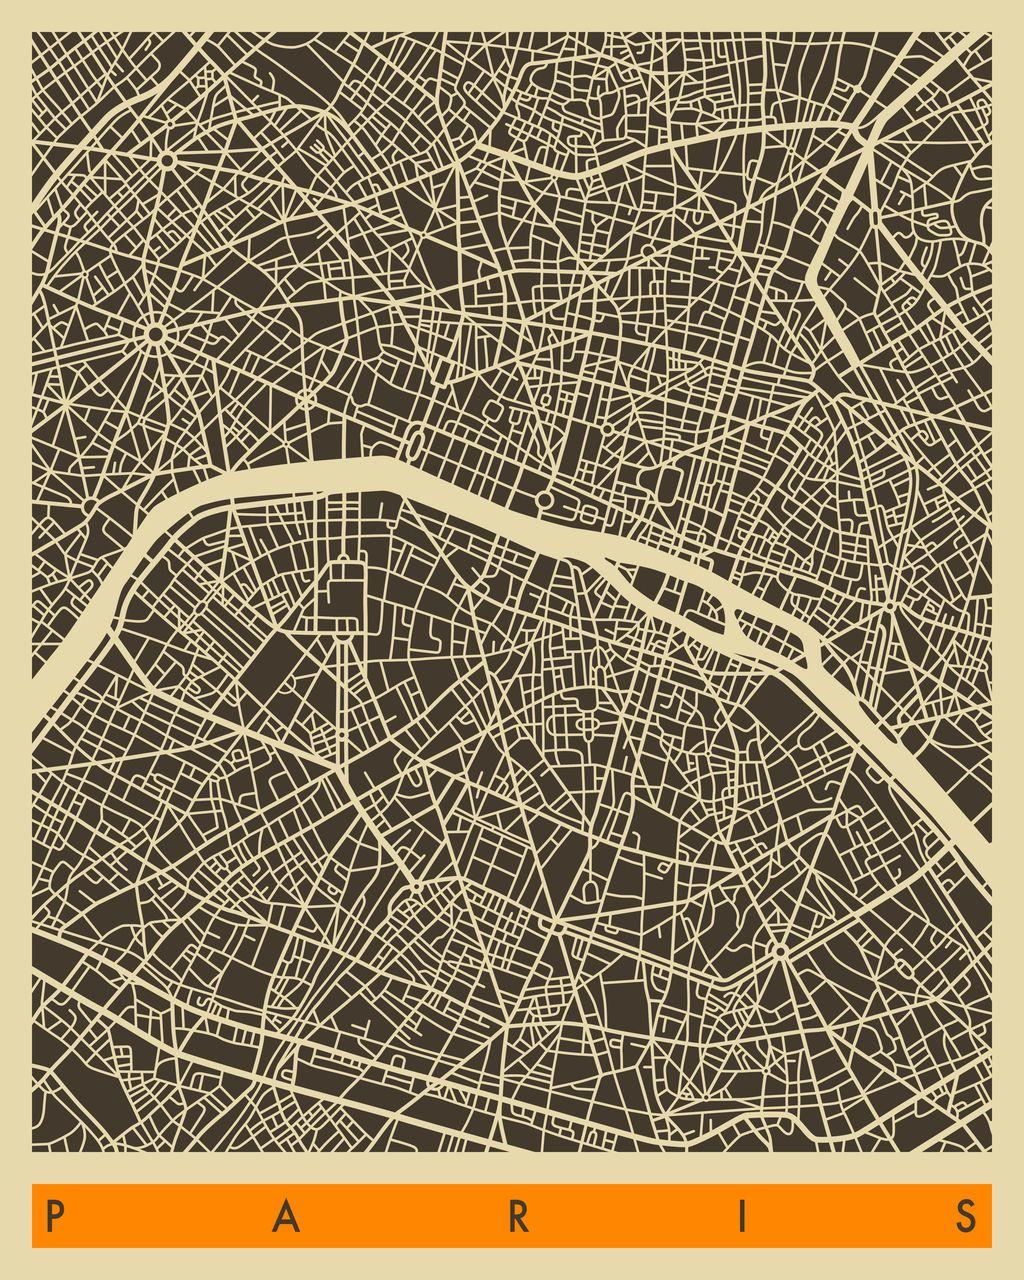 Paris Map By Jazzberry Blue Art Pinterest Map Paris Map And